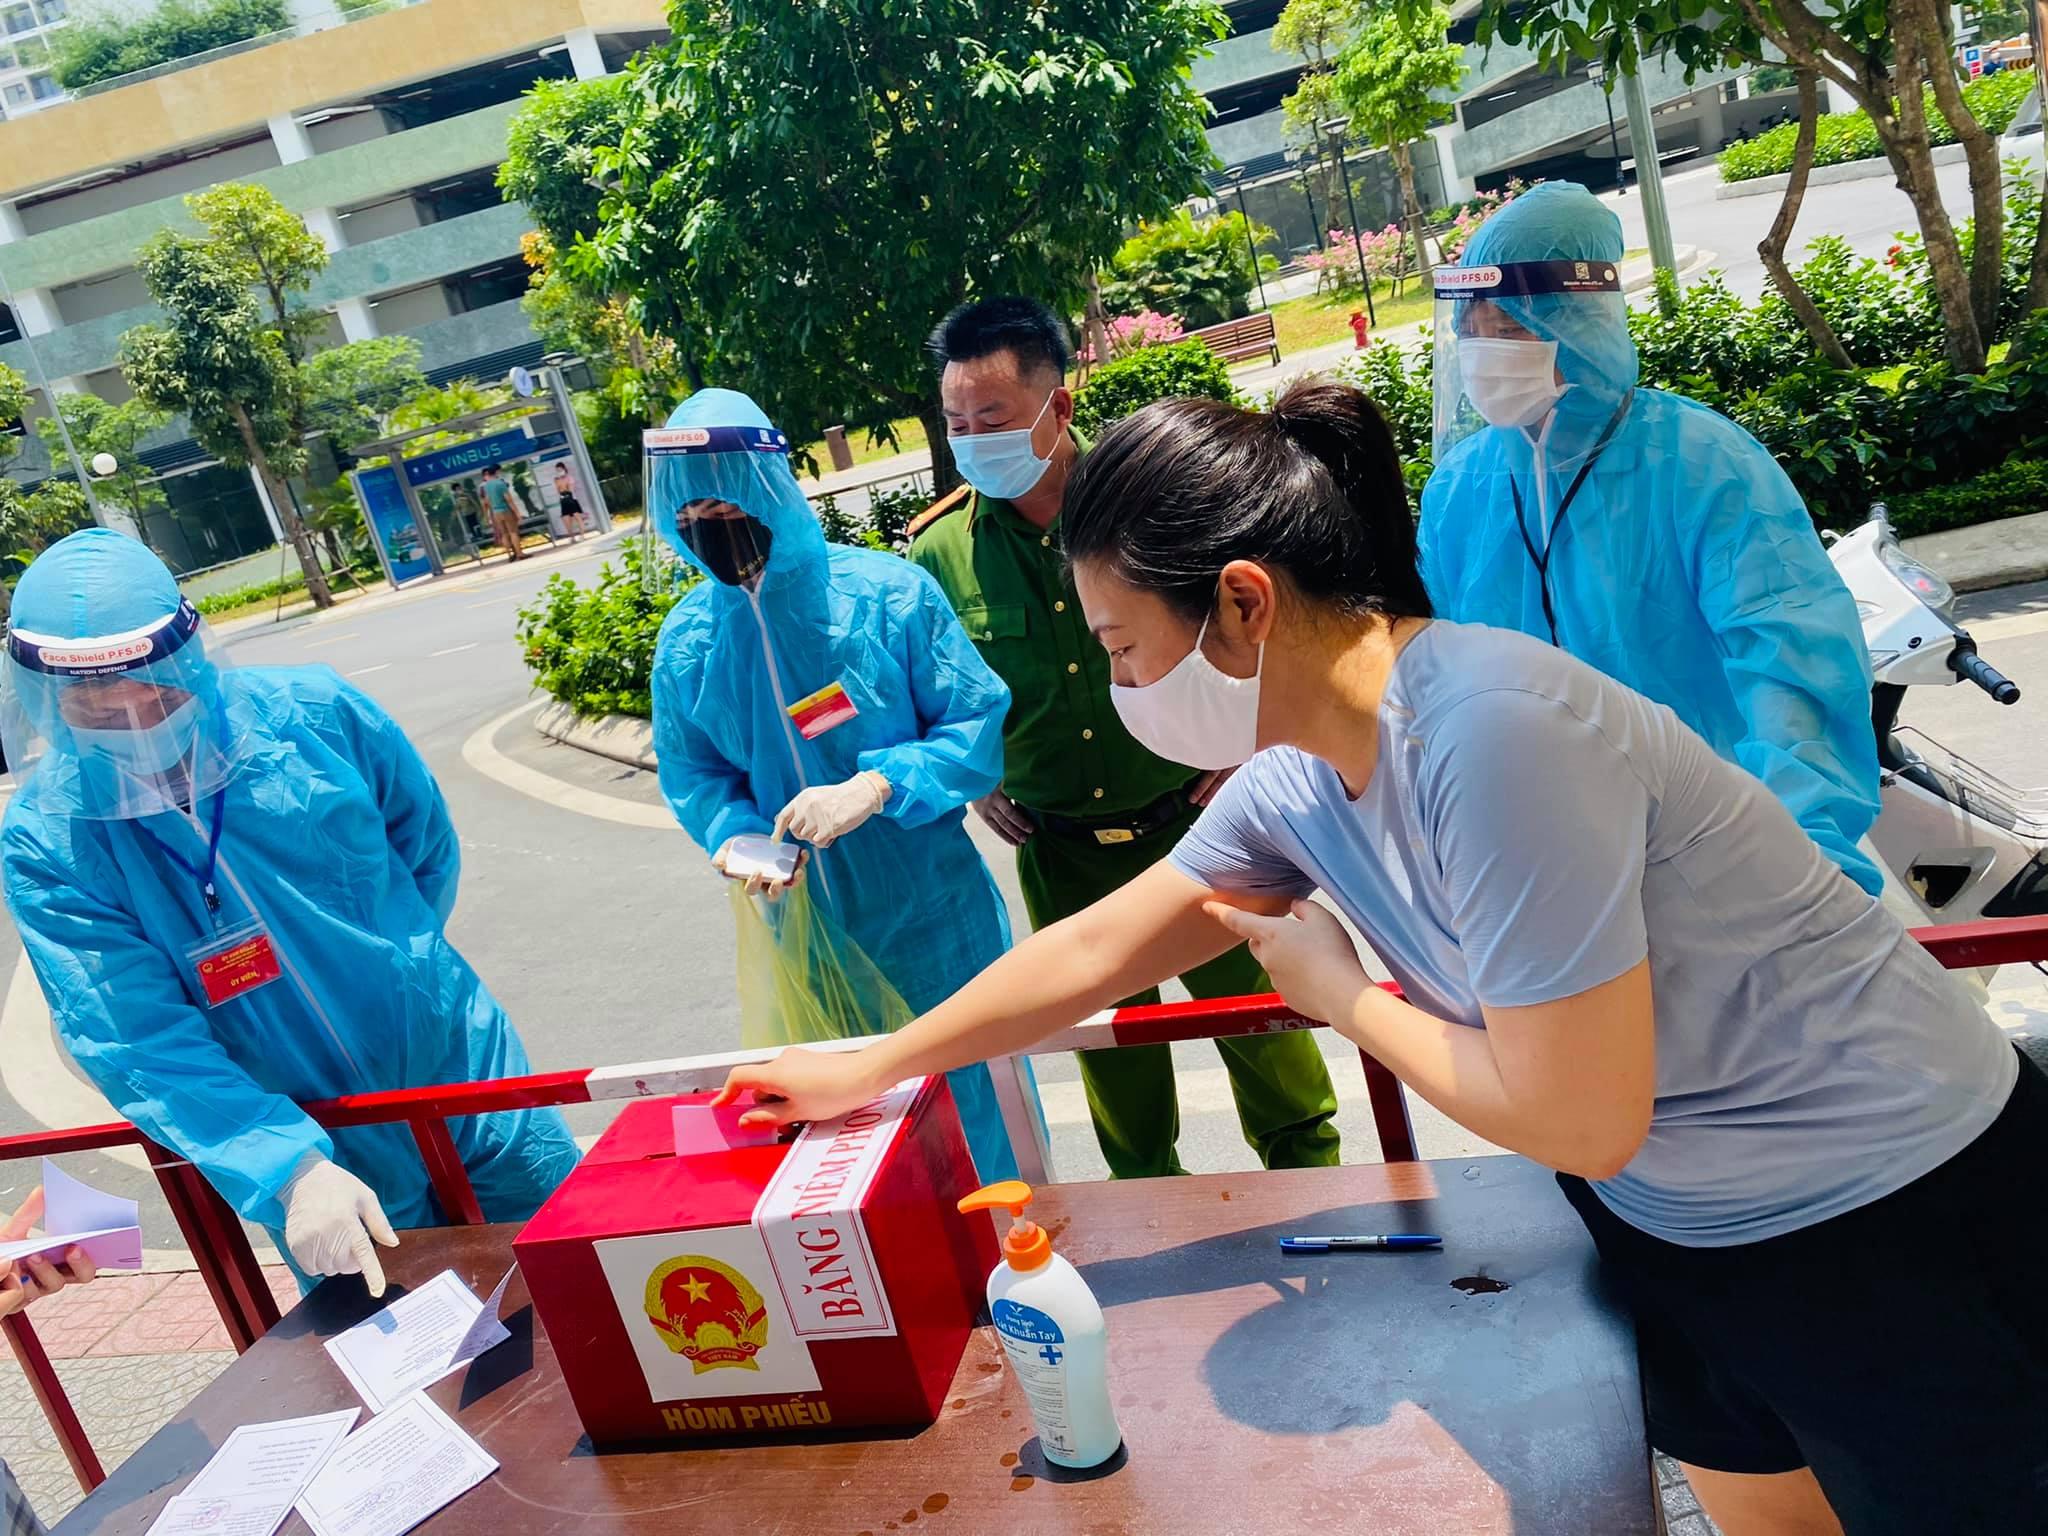 Nhật ký 3 ngày cách ly, ấm tình người của cư dân Vinhomes OceanPark khi phát hiện ca nhiễm Covid-19 - Ảnh 11.